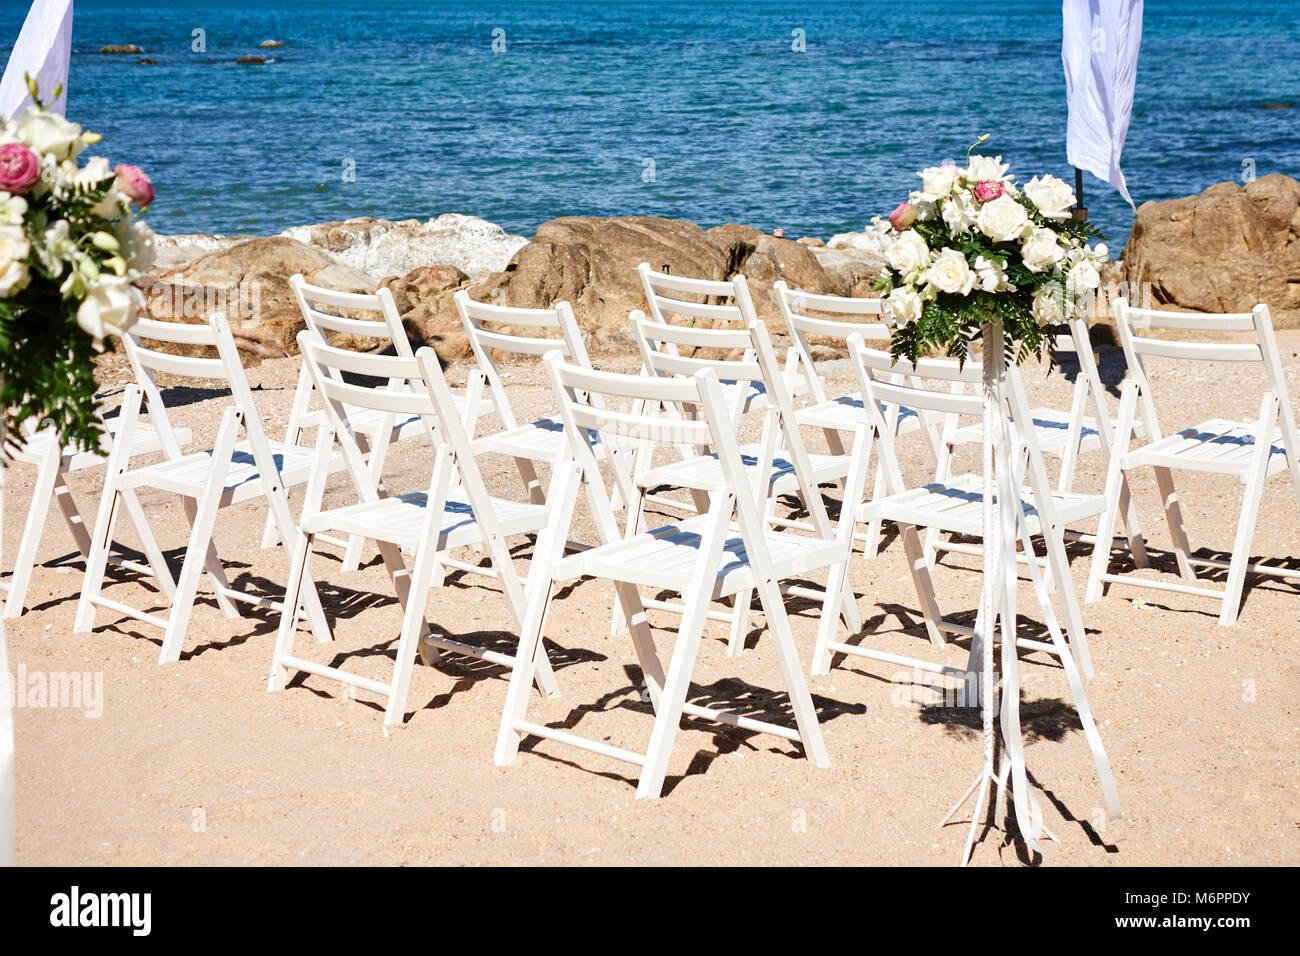 Matrimonio Spiaggia Decorazioni : La spiaggia matrimoni la preparazione prima della cerimonia fiori